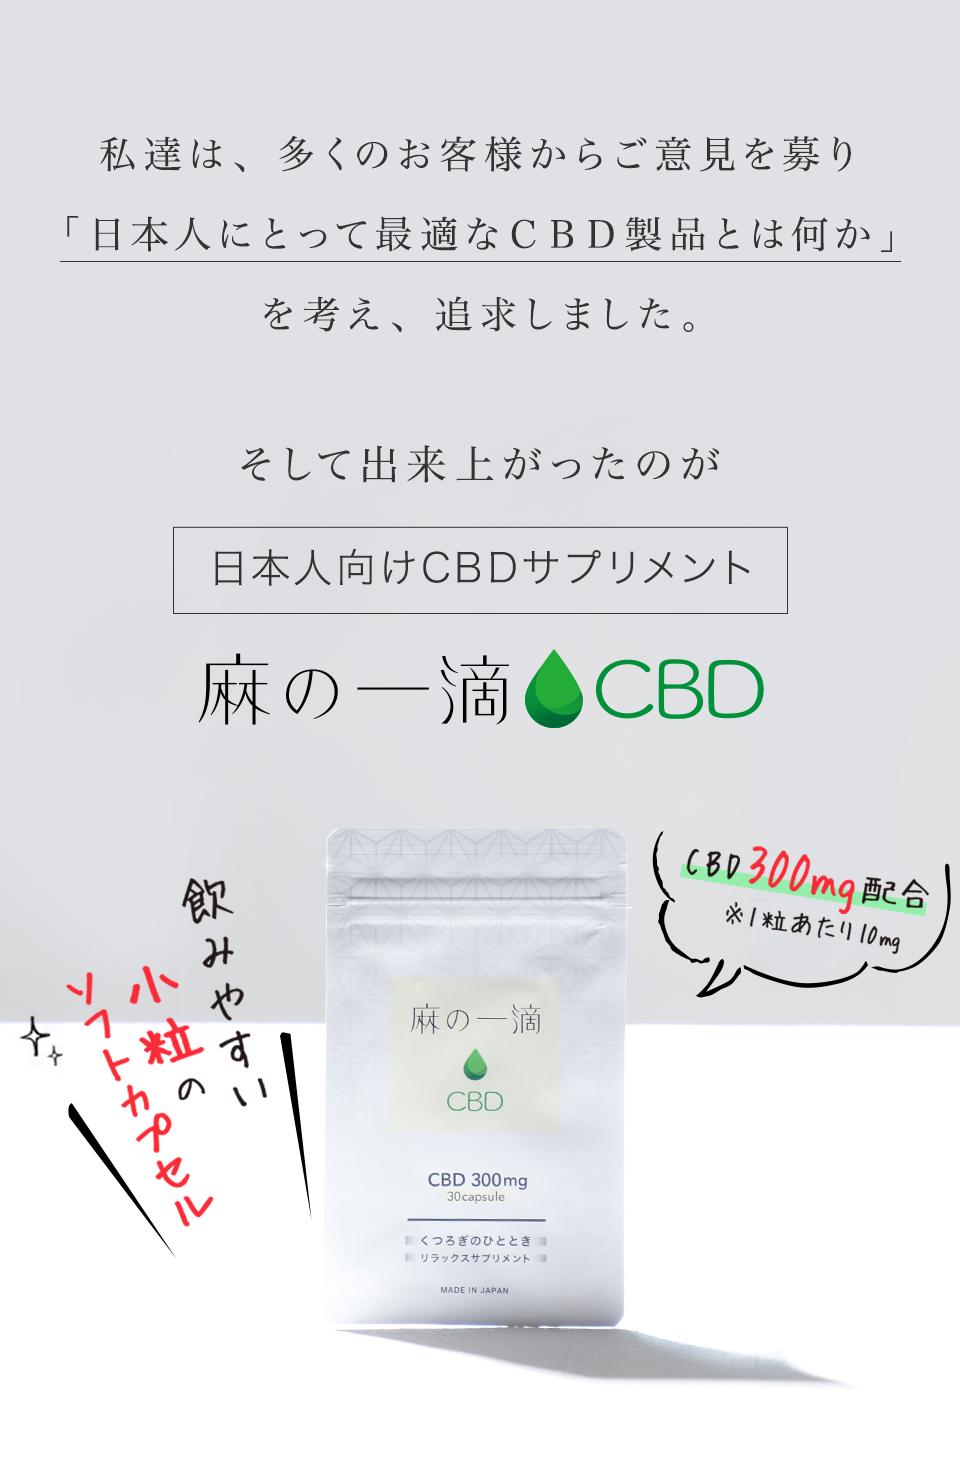 日本人向けCBDサプリメント、麻の一滴CBD